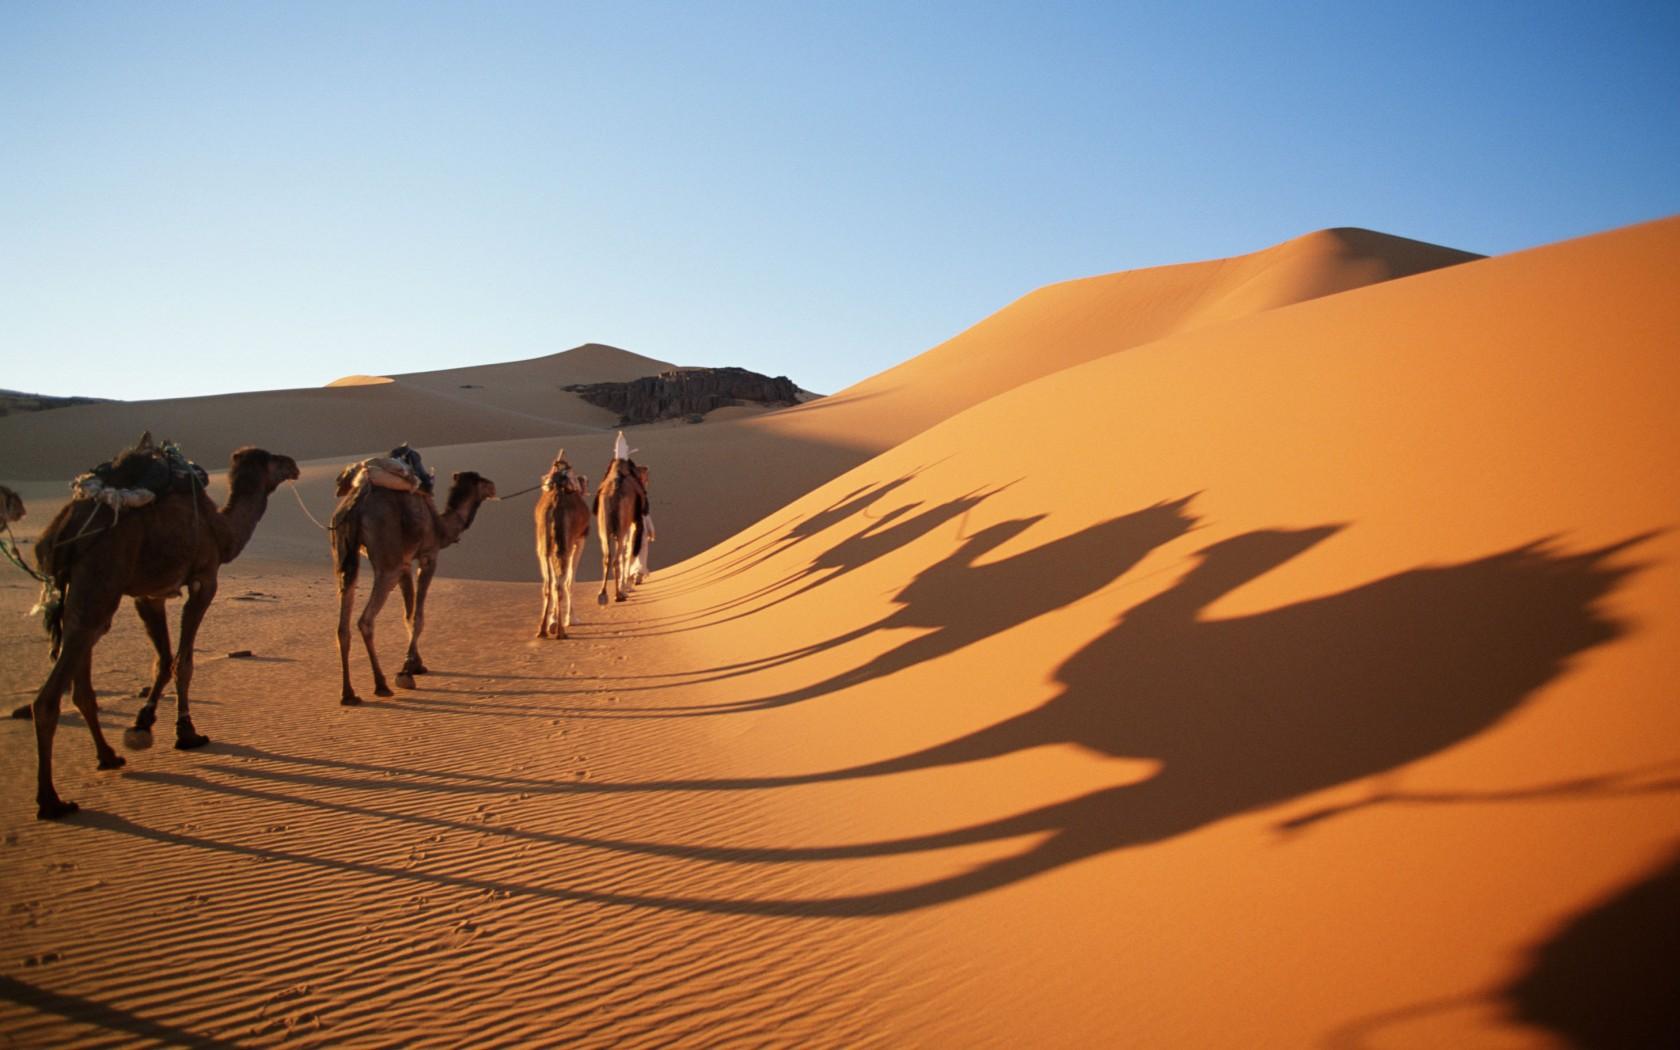 Saharan dunes, Algeria